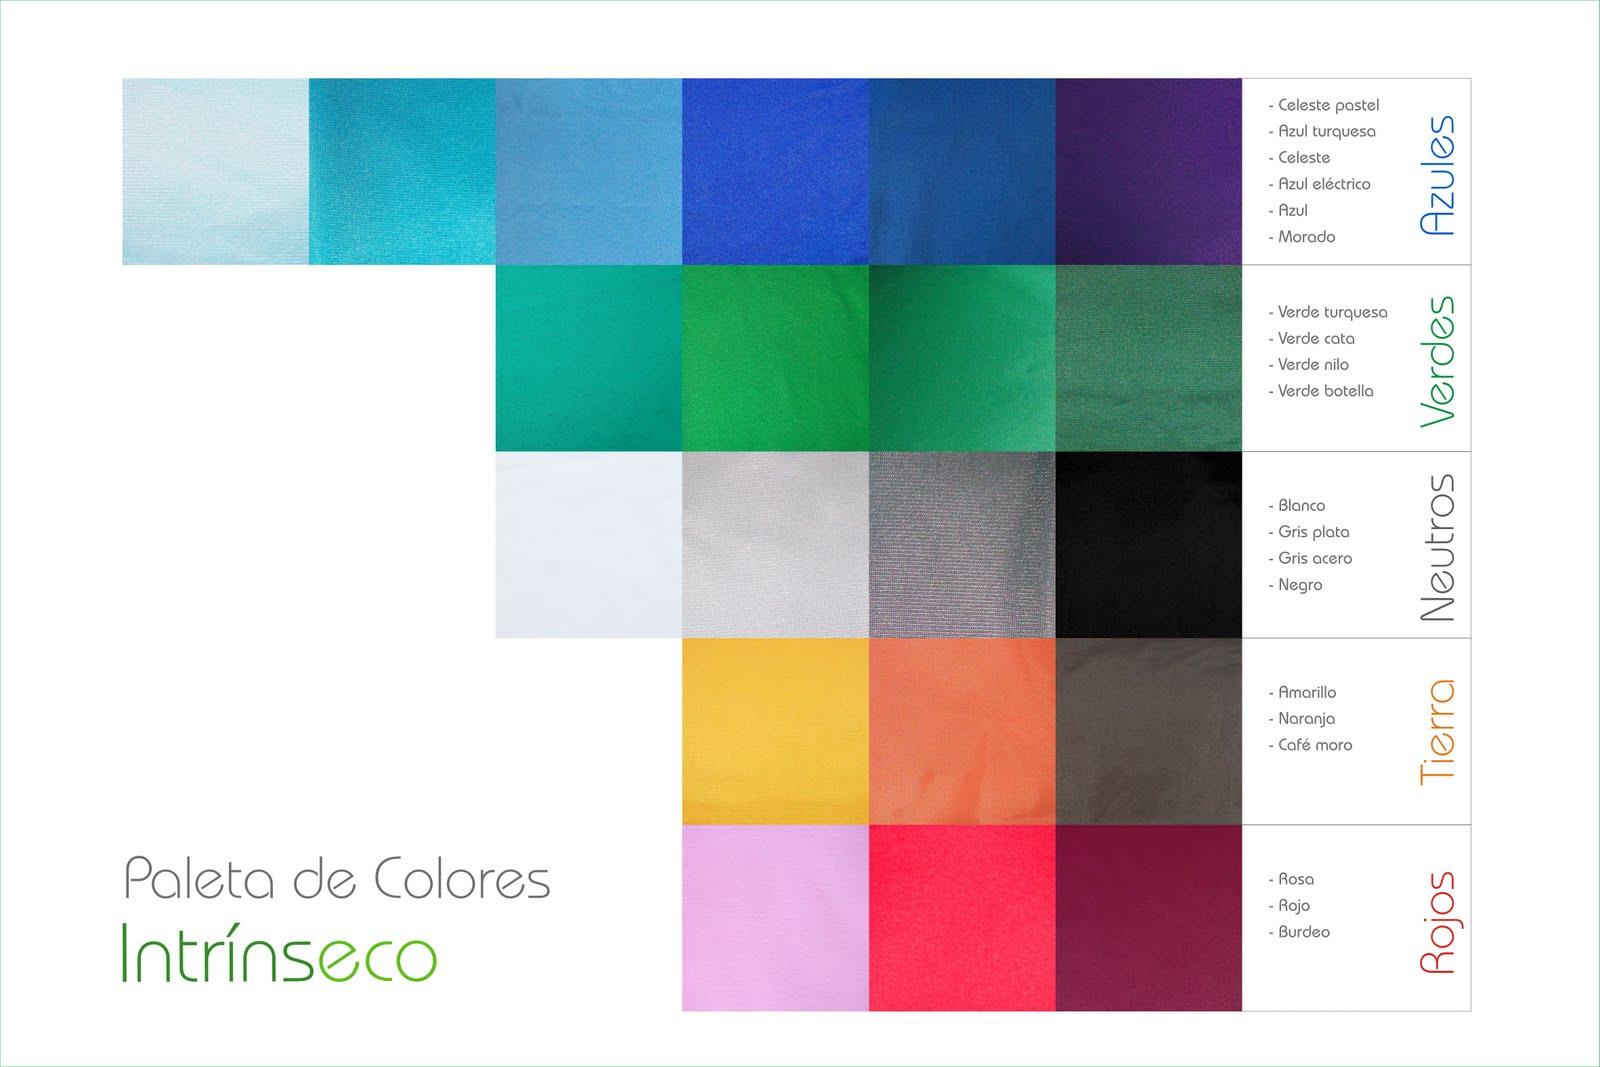 Intr nseco paleta de colores colecci n mosaico textil - Paleta de colores titanlux ...